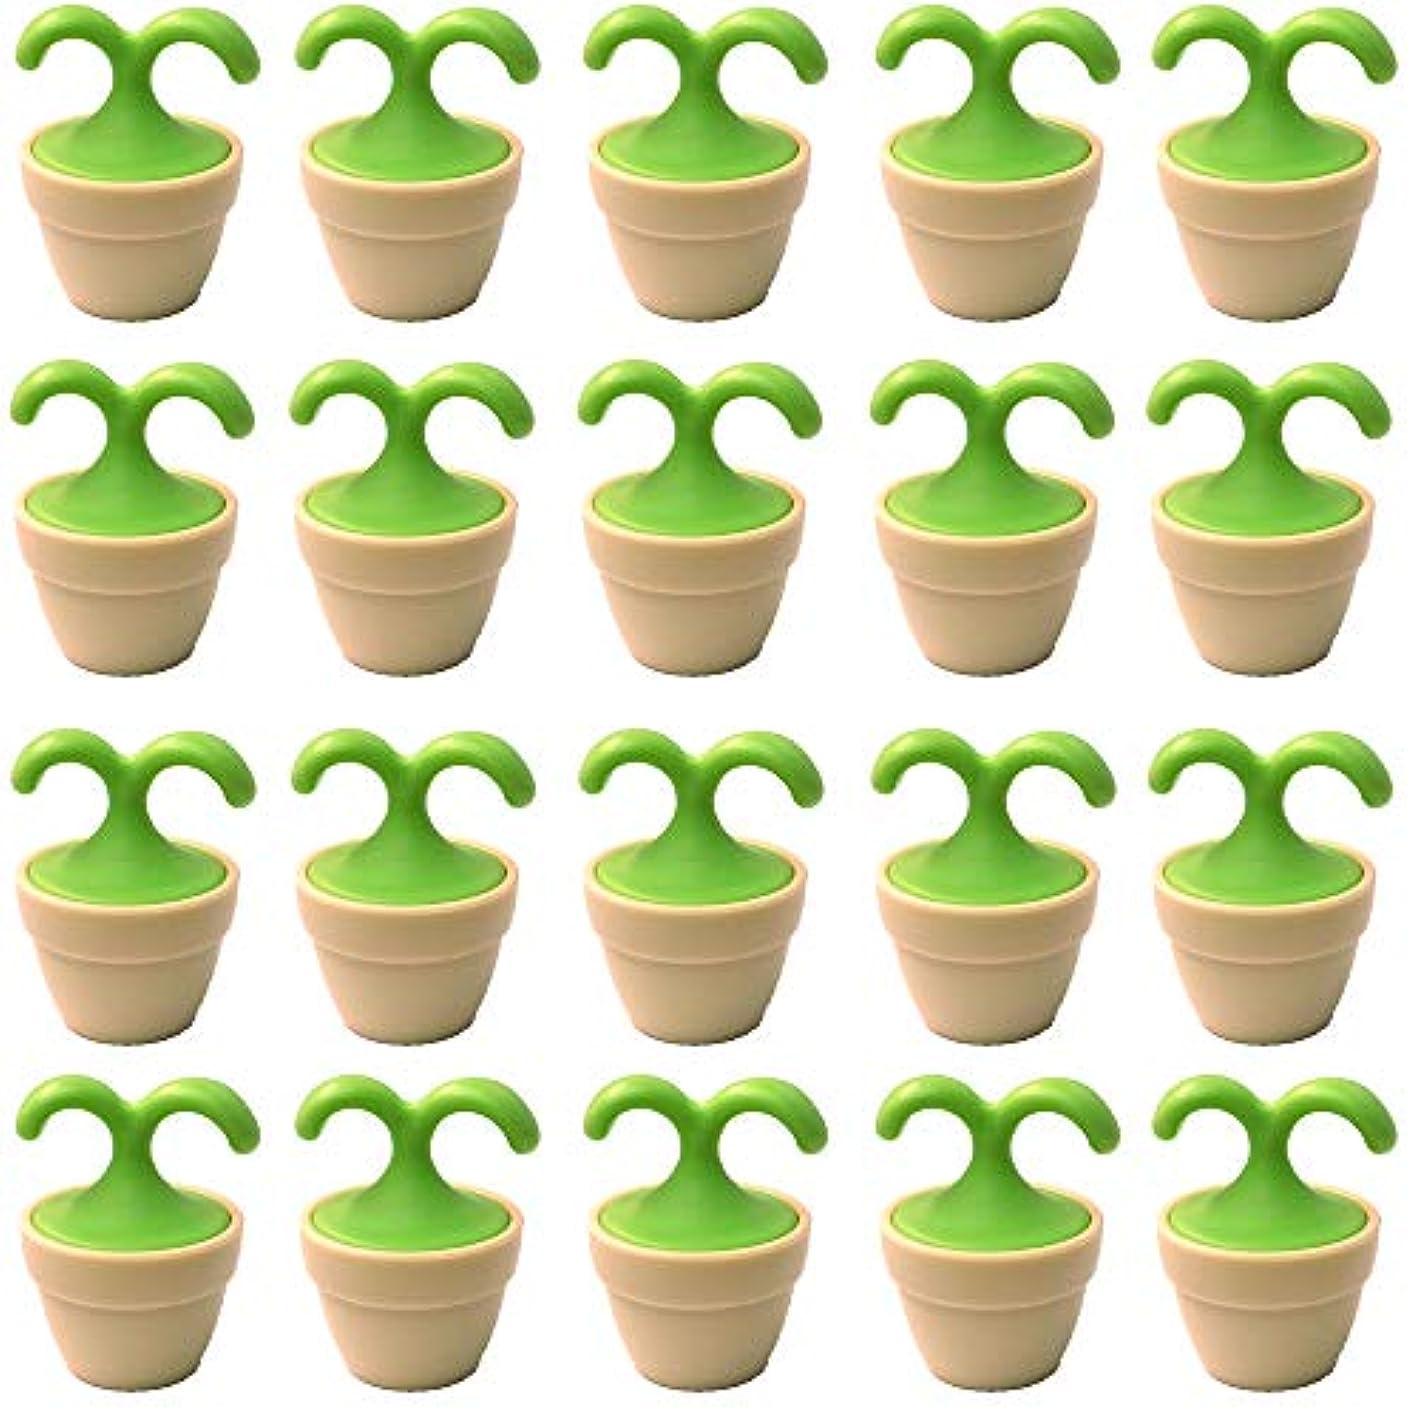 精通した団結エンディング植木鉢コロコロマッサージャー 20個入り 退職転勤お礼プチギフト 専用ボックス入りラッピング サンキューシール付き(20個入り)